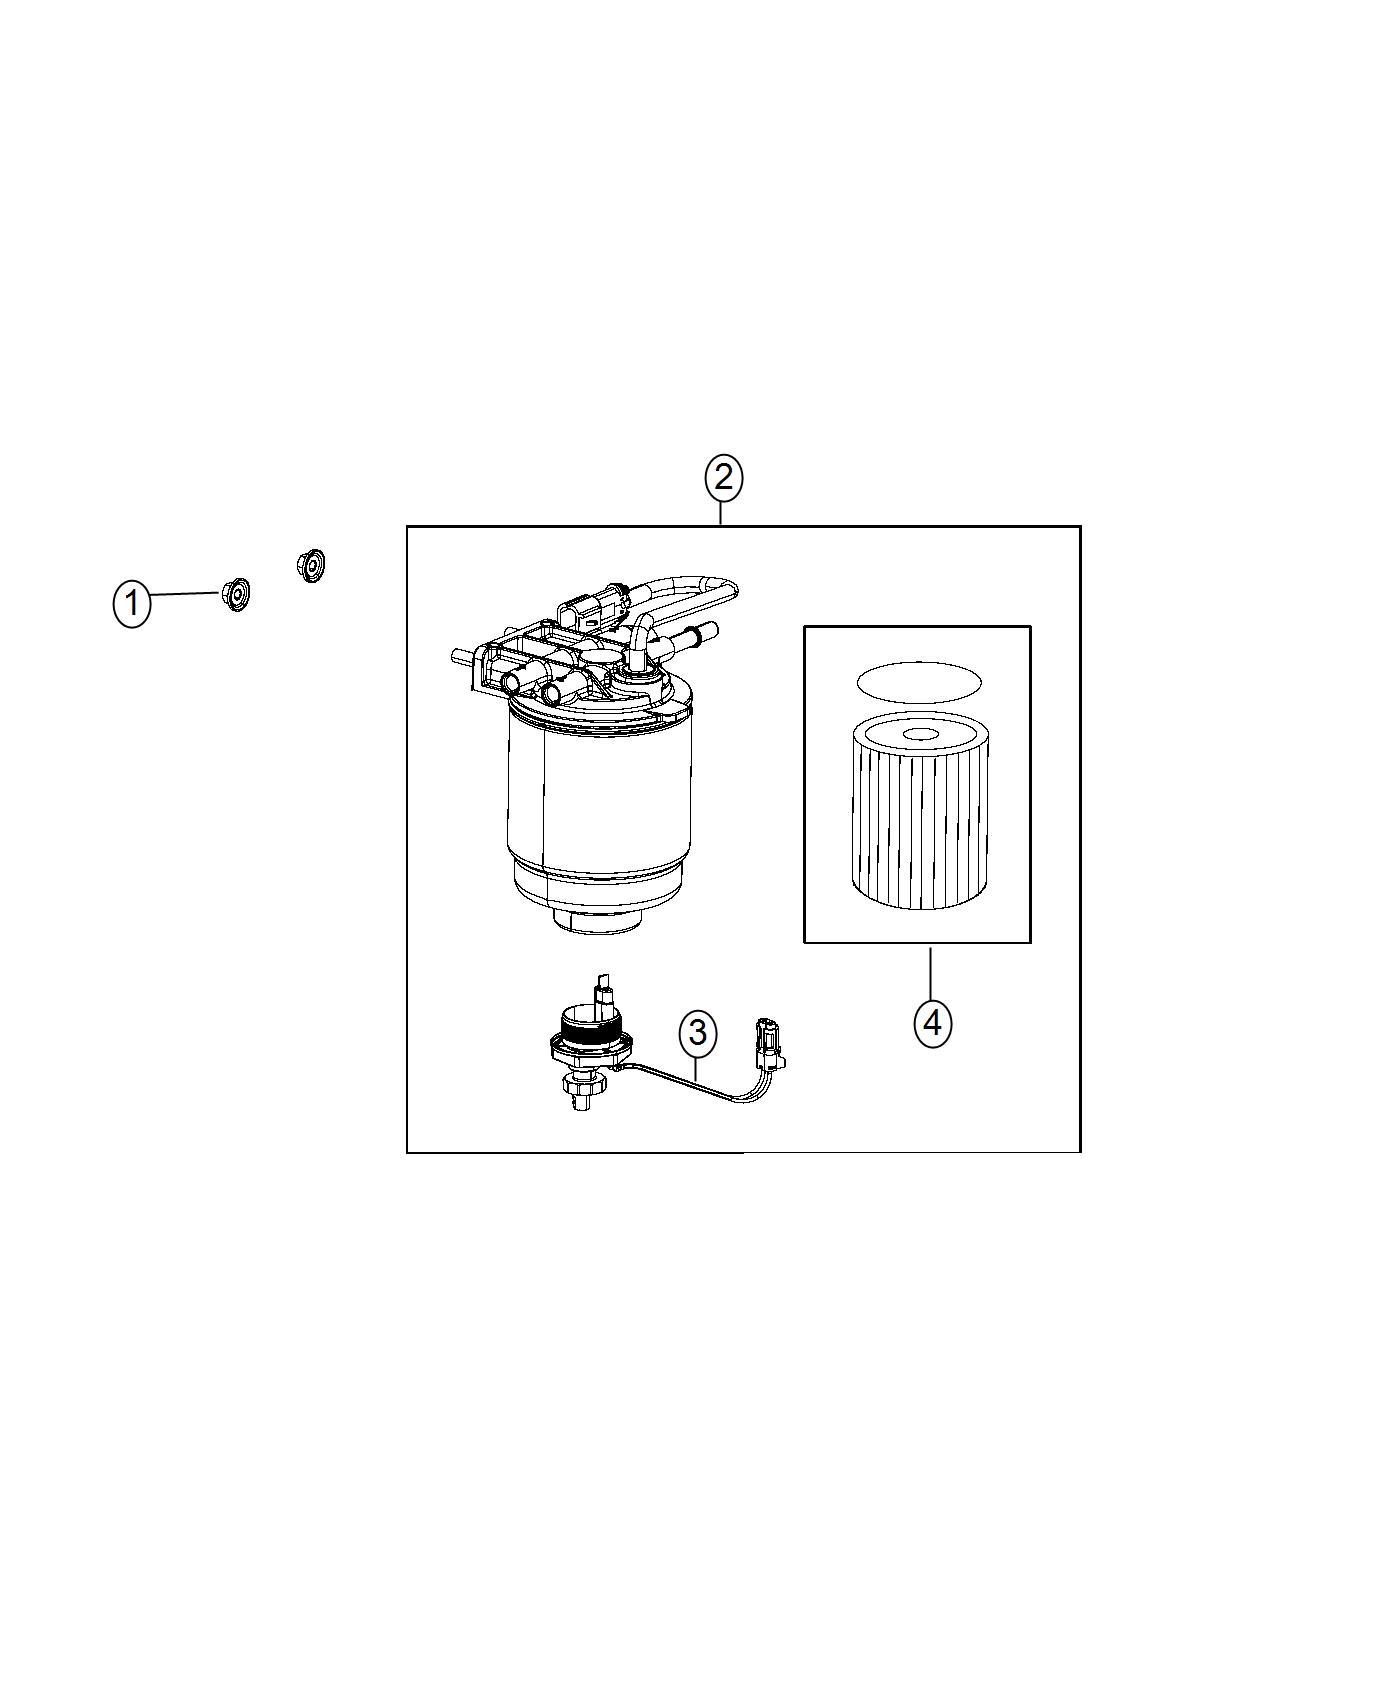 Ram Filter Kit Fuel Water Separator Gasket Sensor